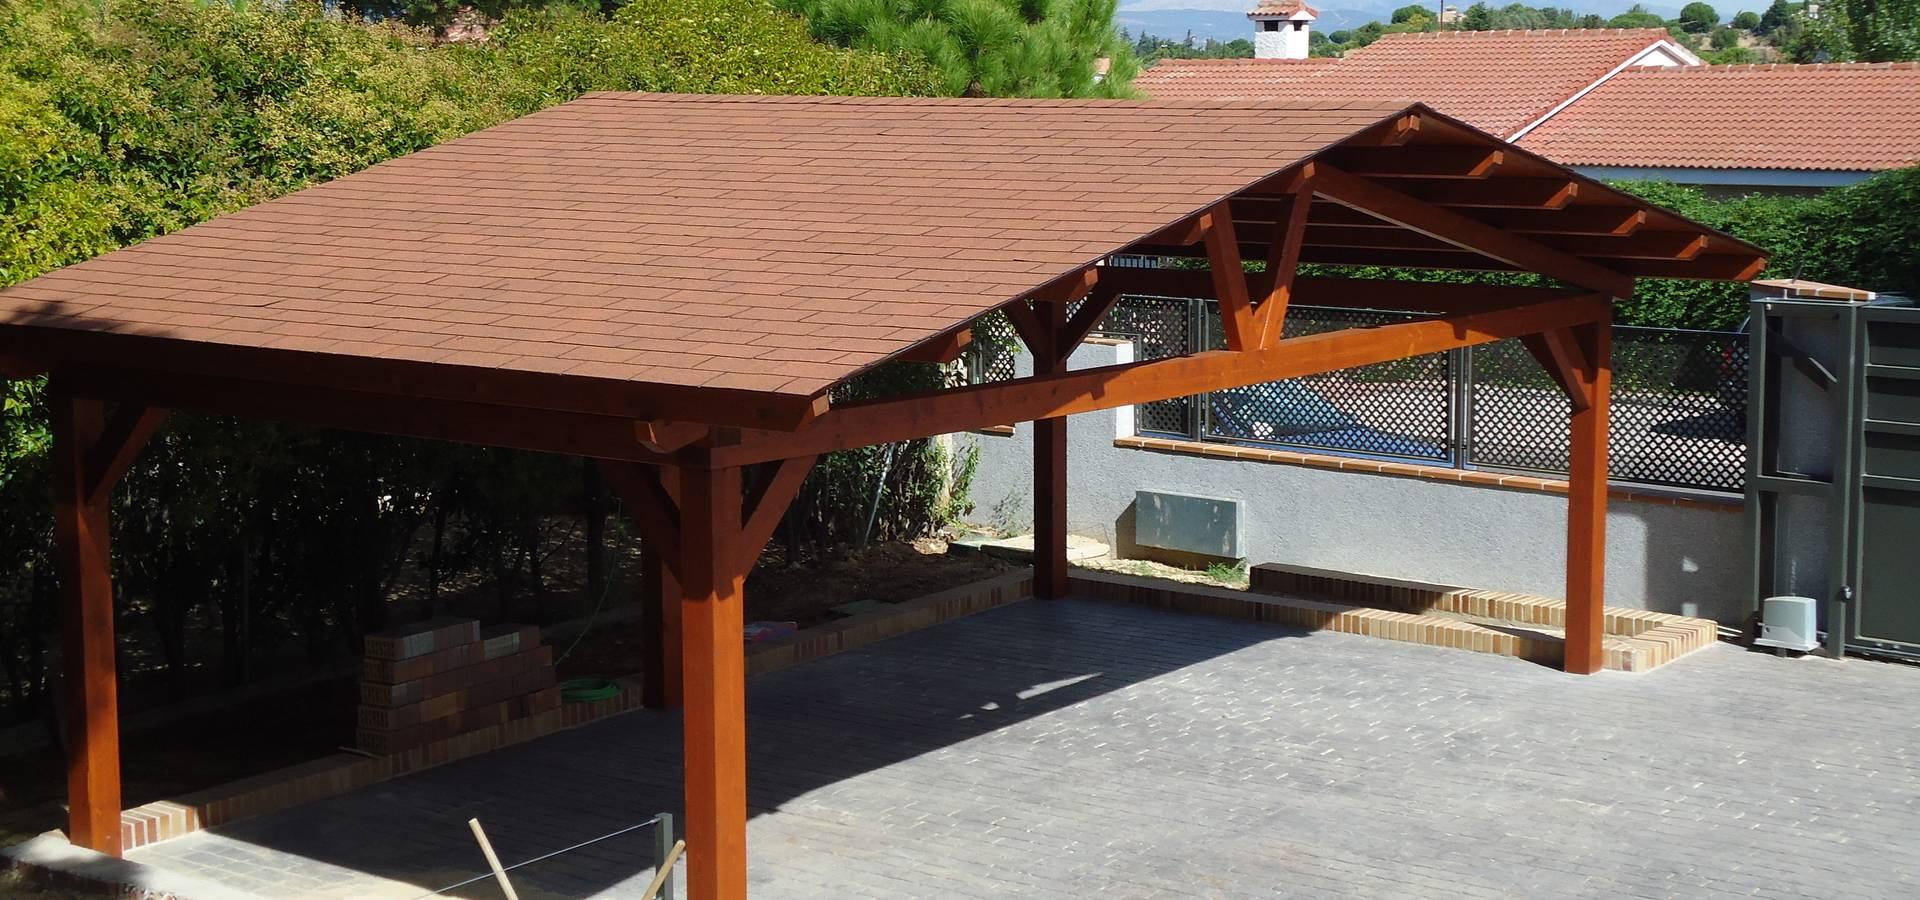 Garajes de madera por pergomadera p rgolas y porches de for Garajes para carros